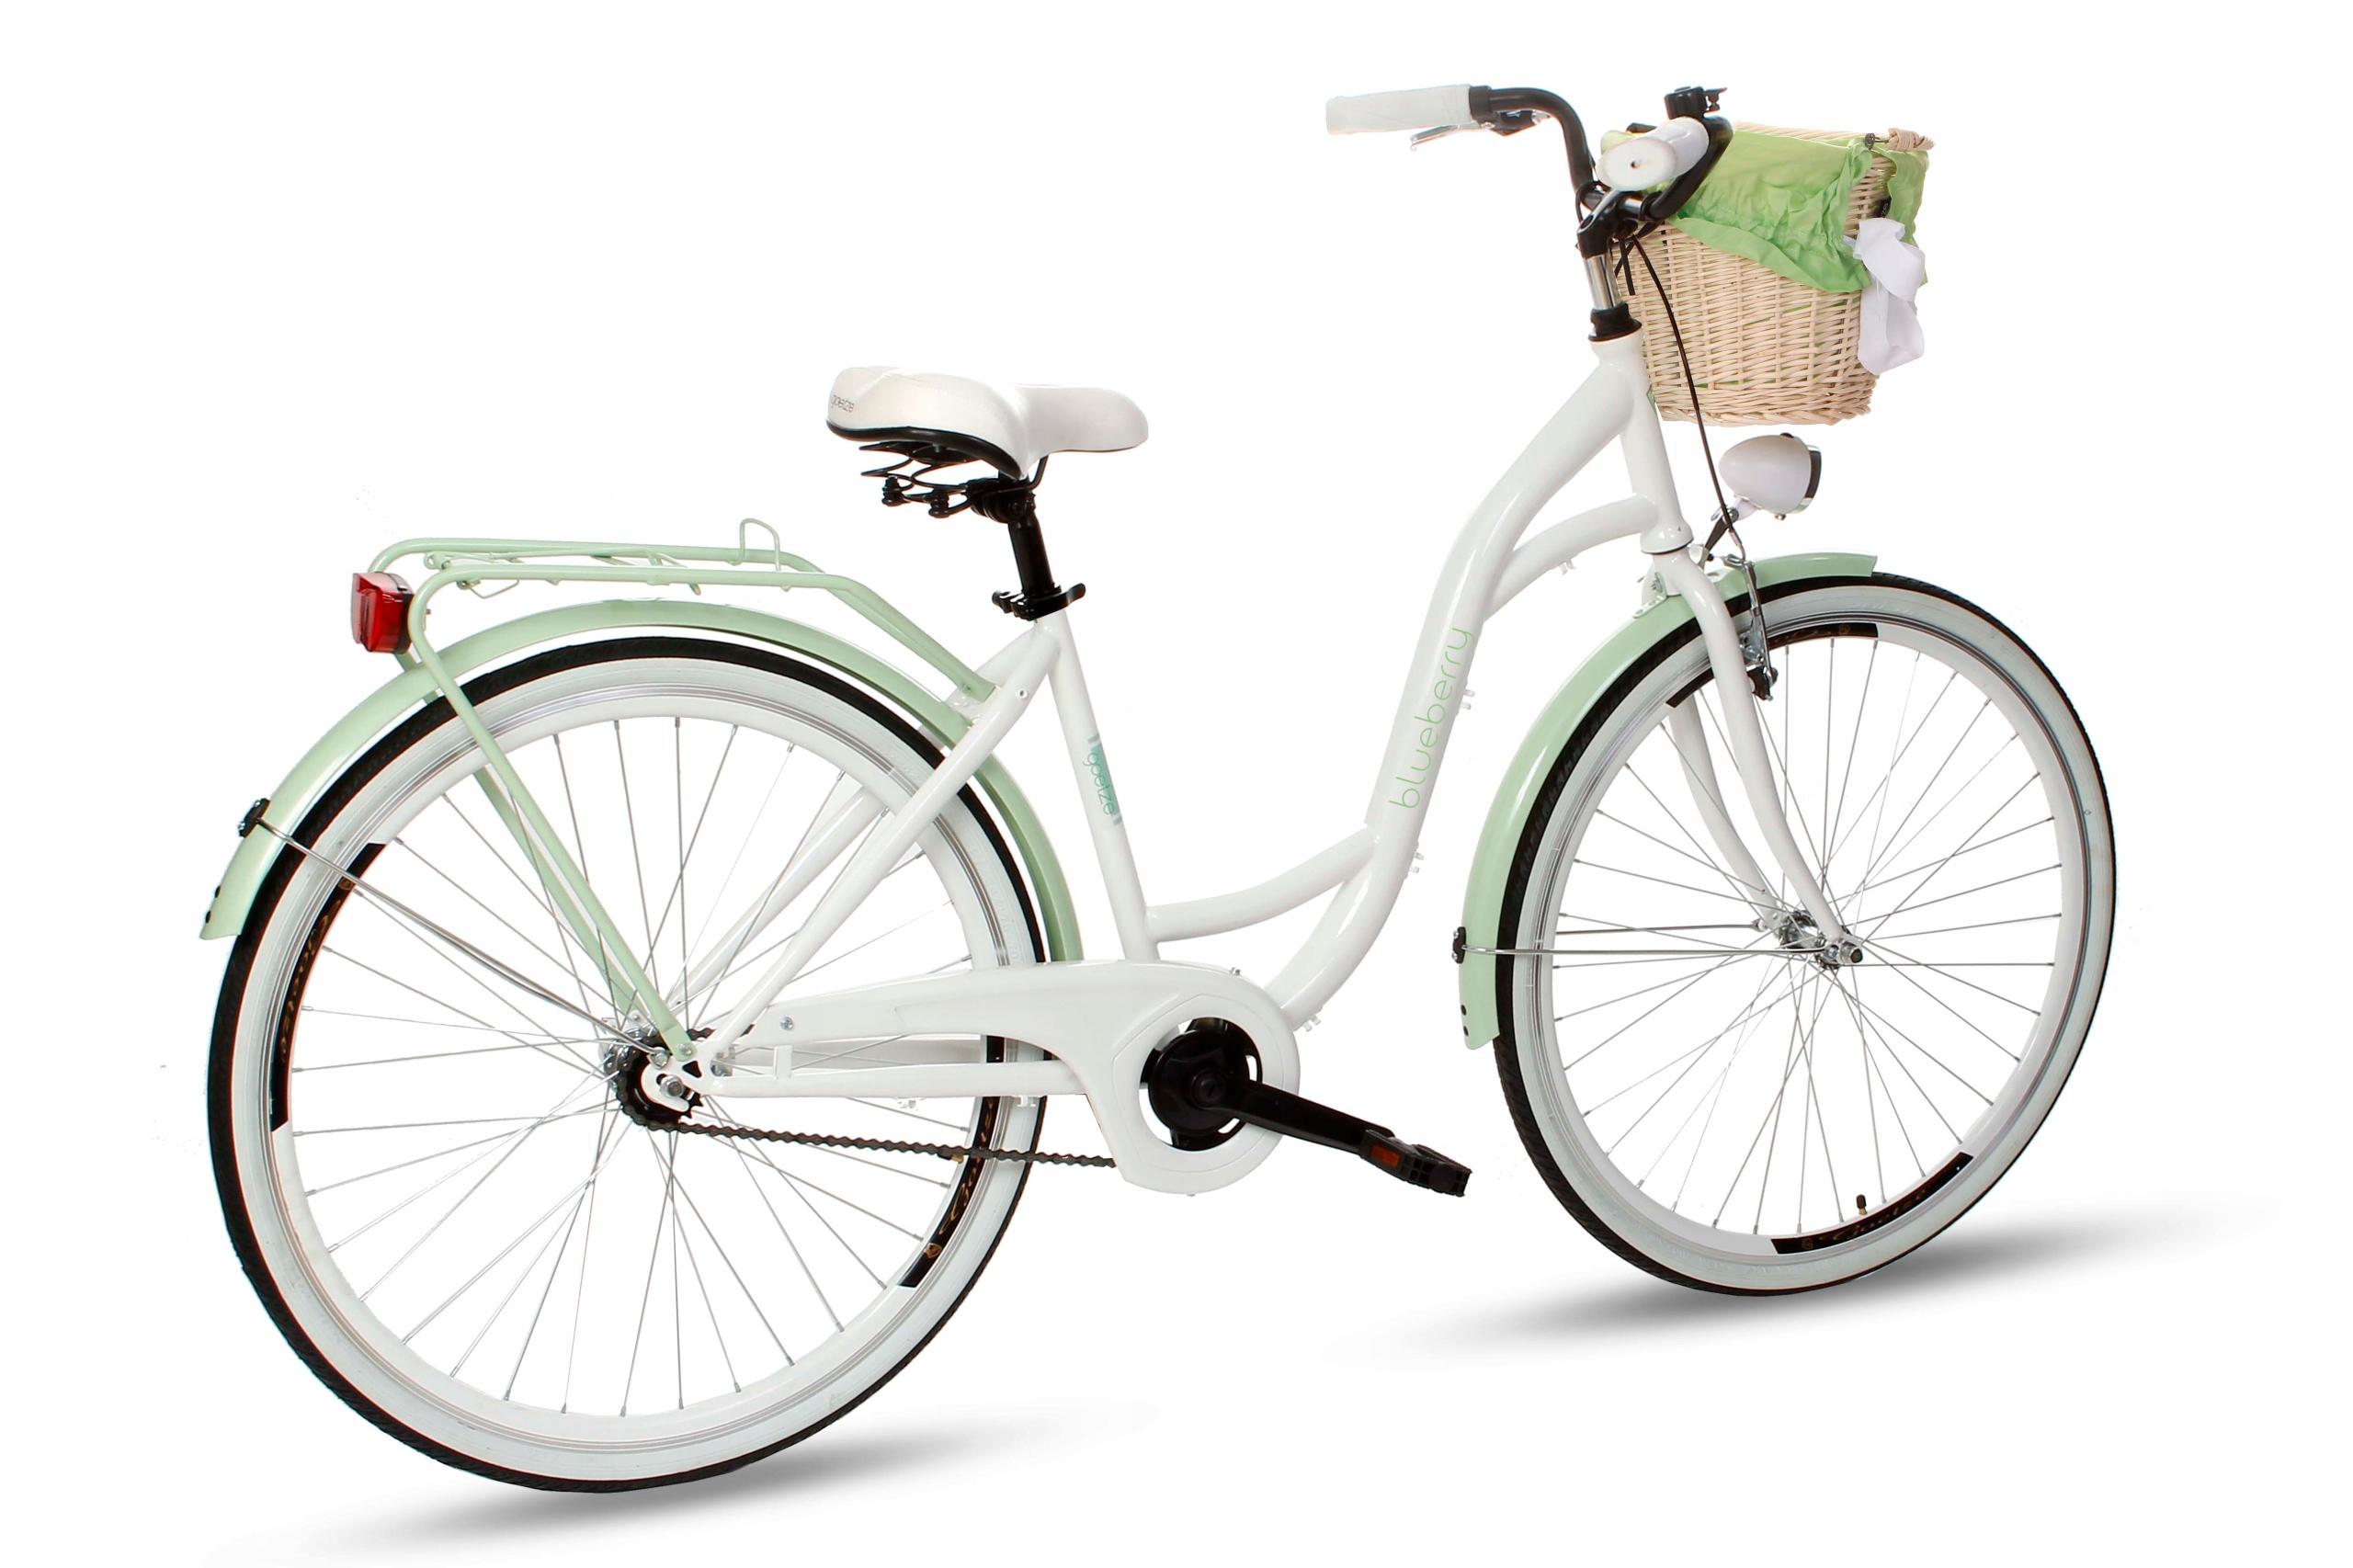 Dámsky mestský bicykel Goetze BLUEBERRY 28 košík!  Model čučoriedok 28.